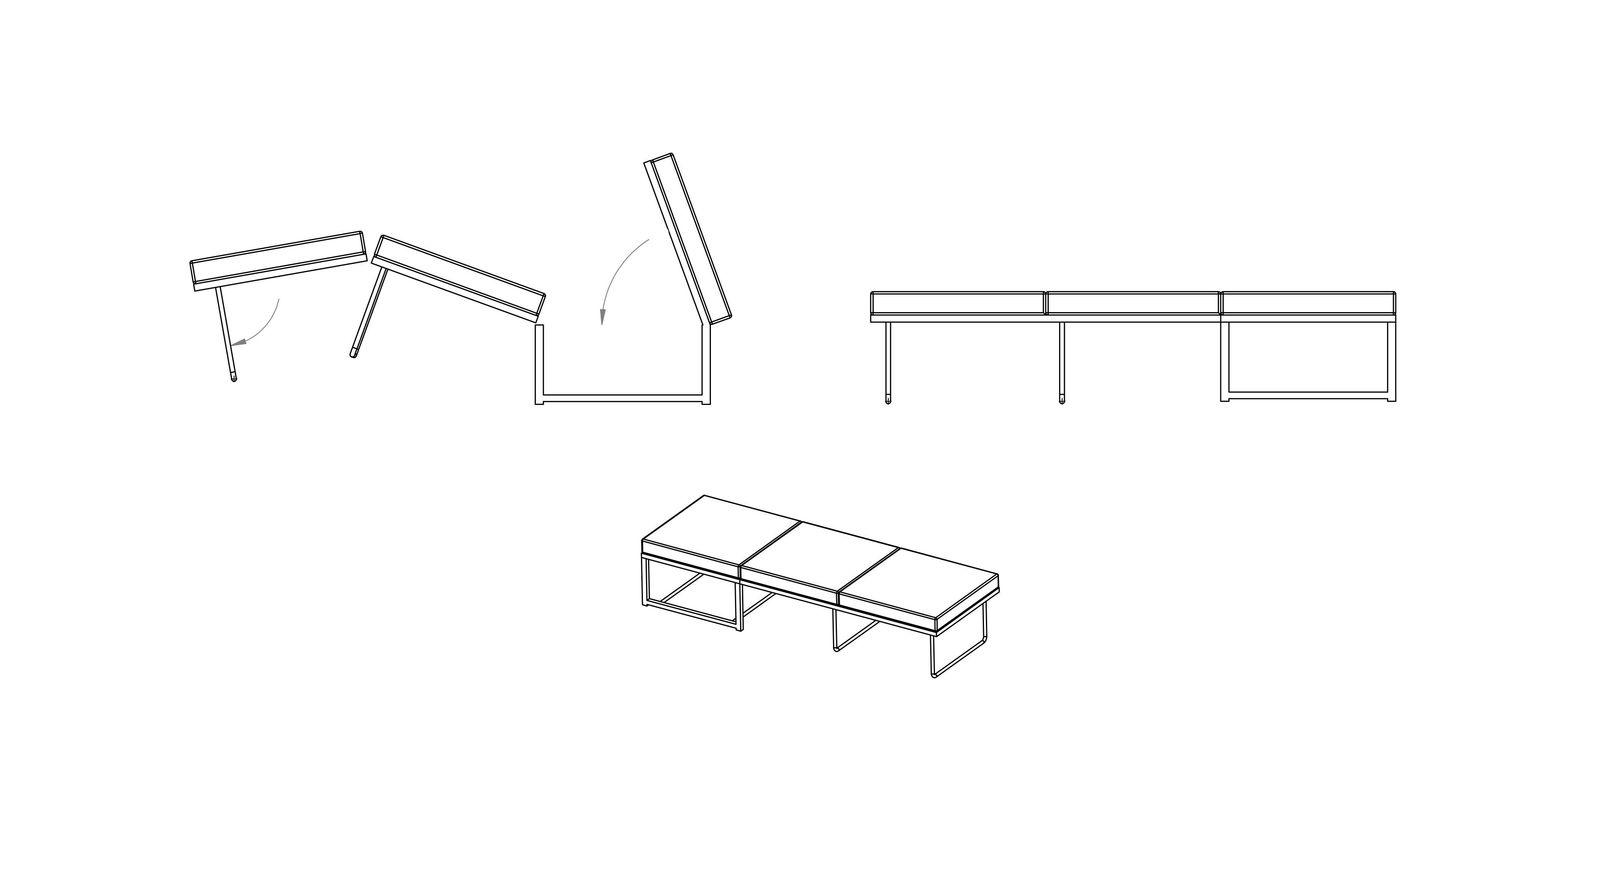 Grafik des Klappsofas Canino für den Umbau vom Hocker zum Gästebett